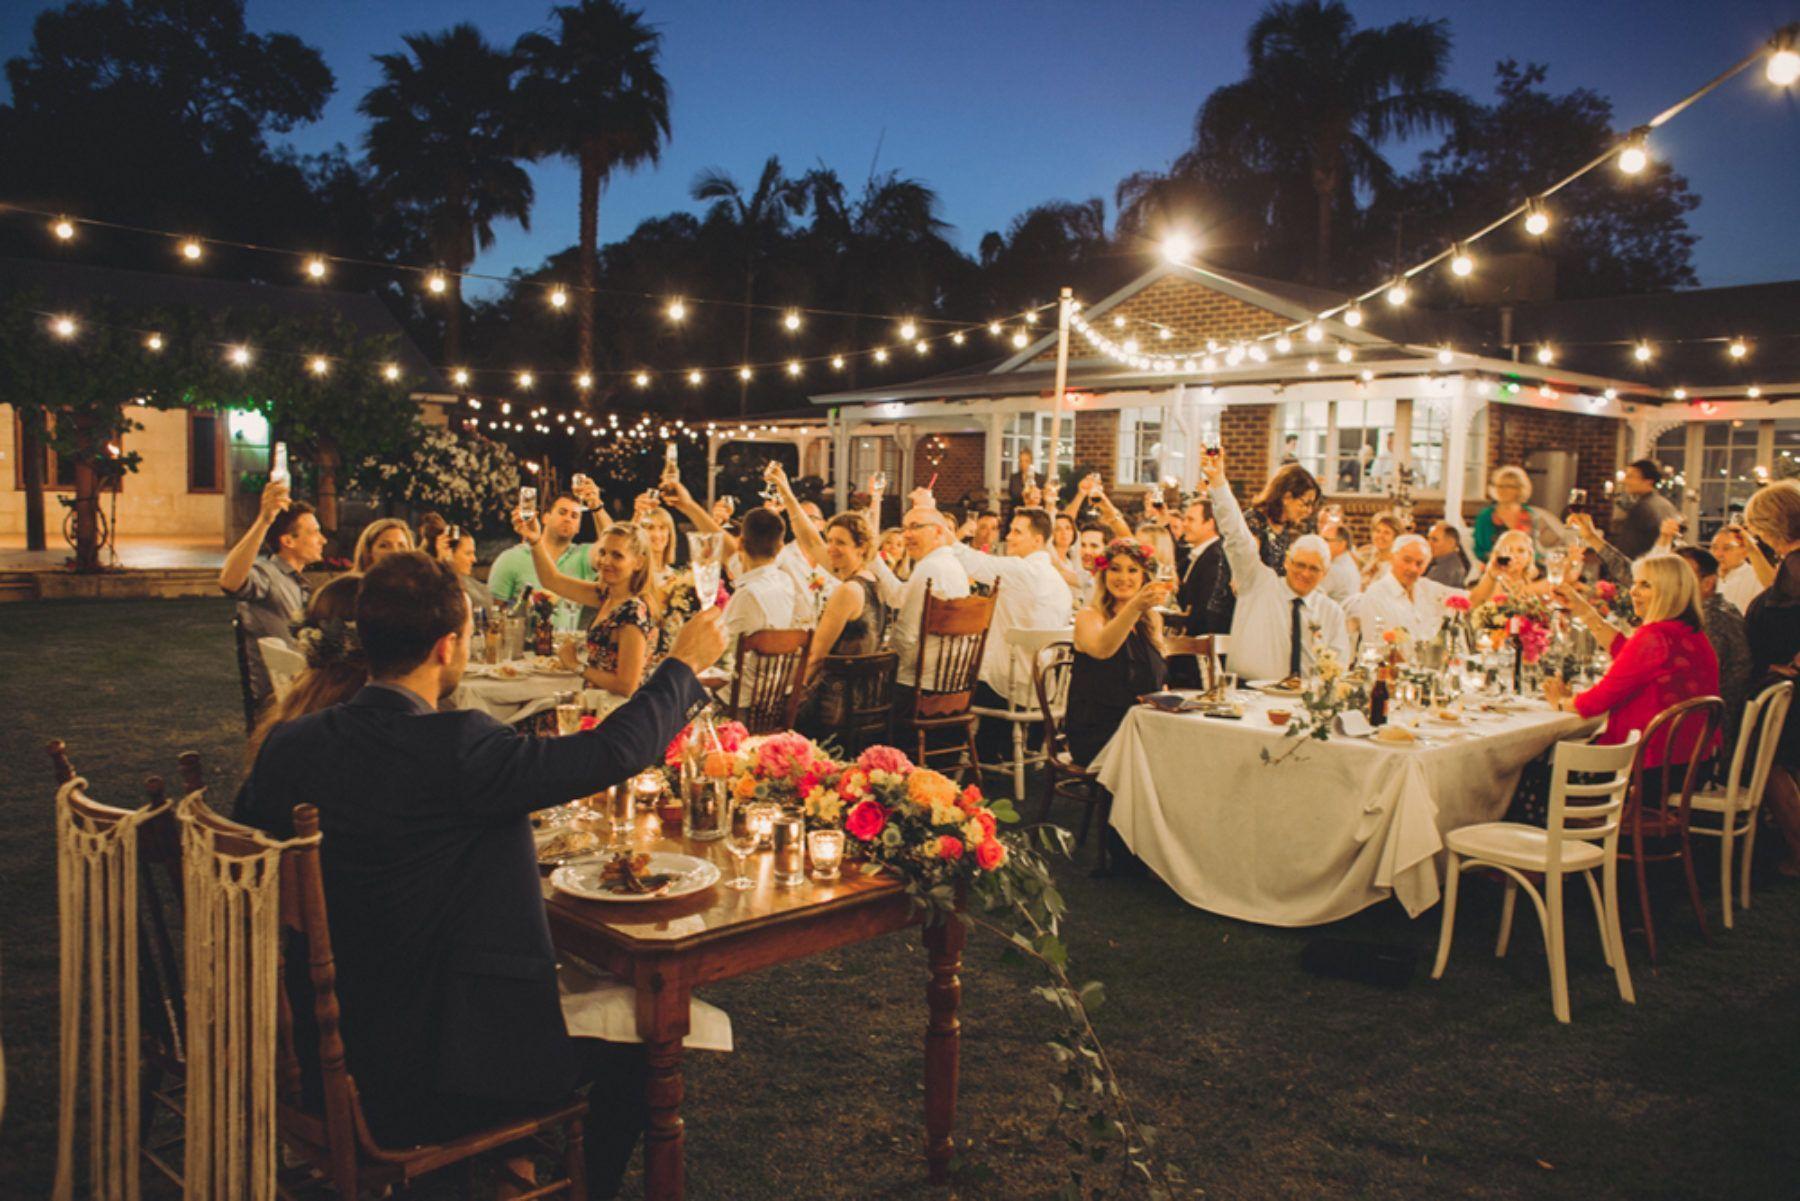 Jess & Ed's Boho Backyard Wedding - nouba.com.au - Jess ...